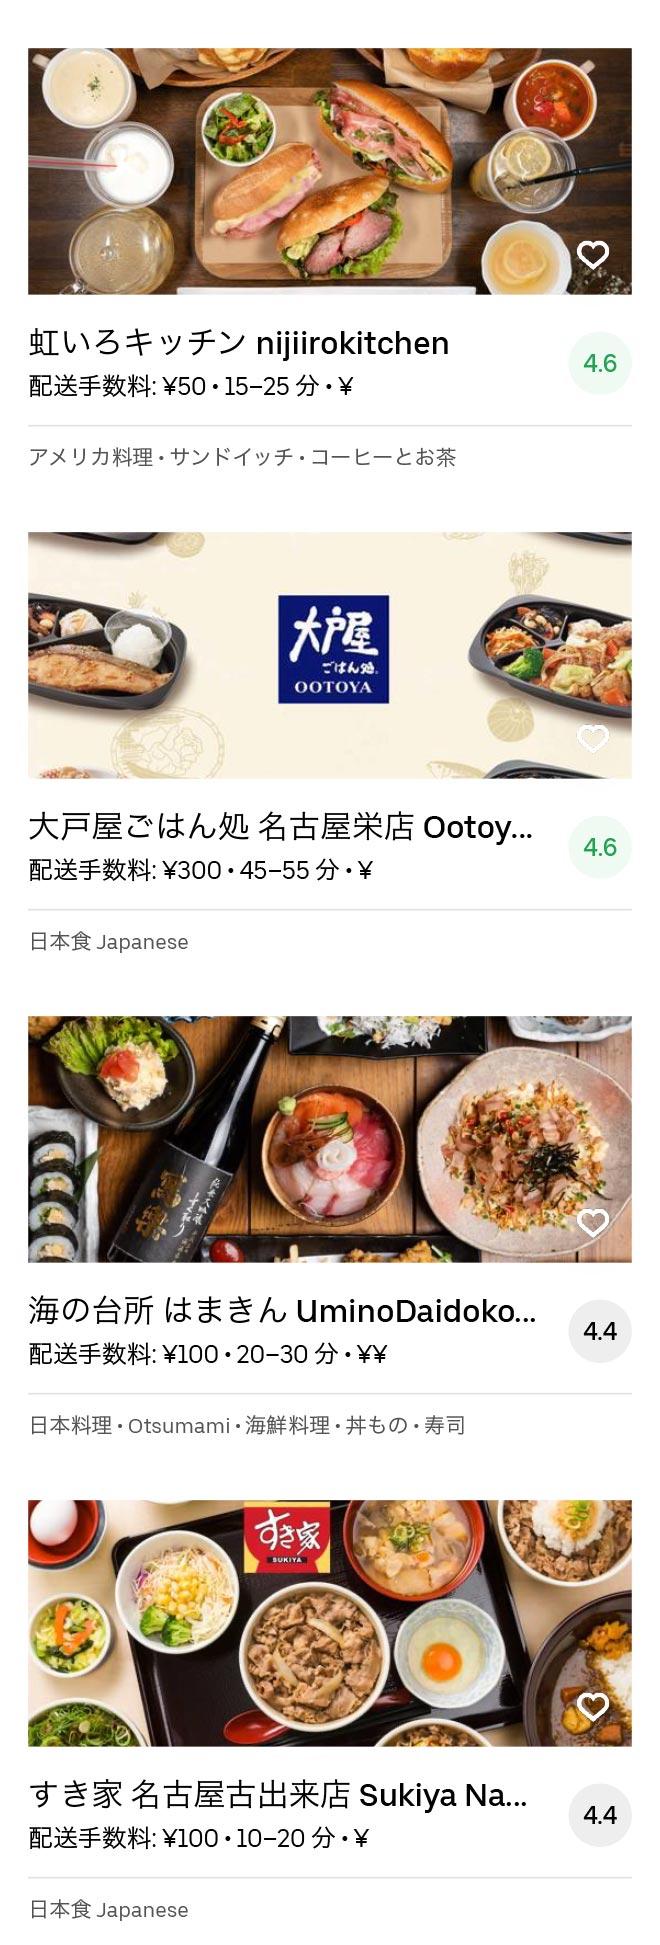 Nagoya ozone menu 2005 05